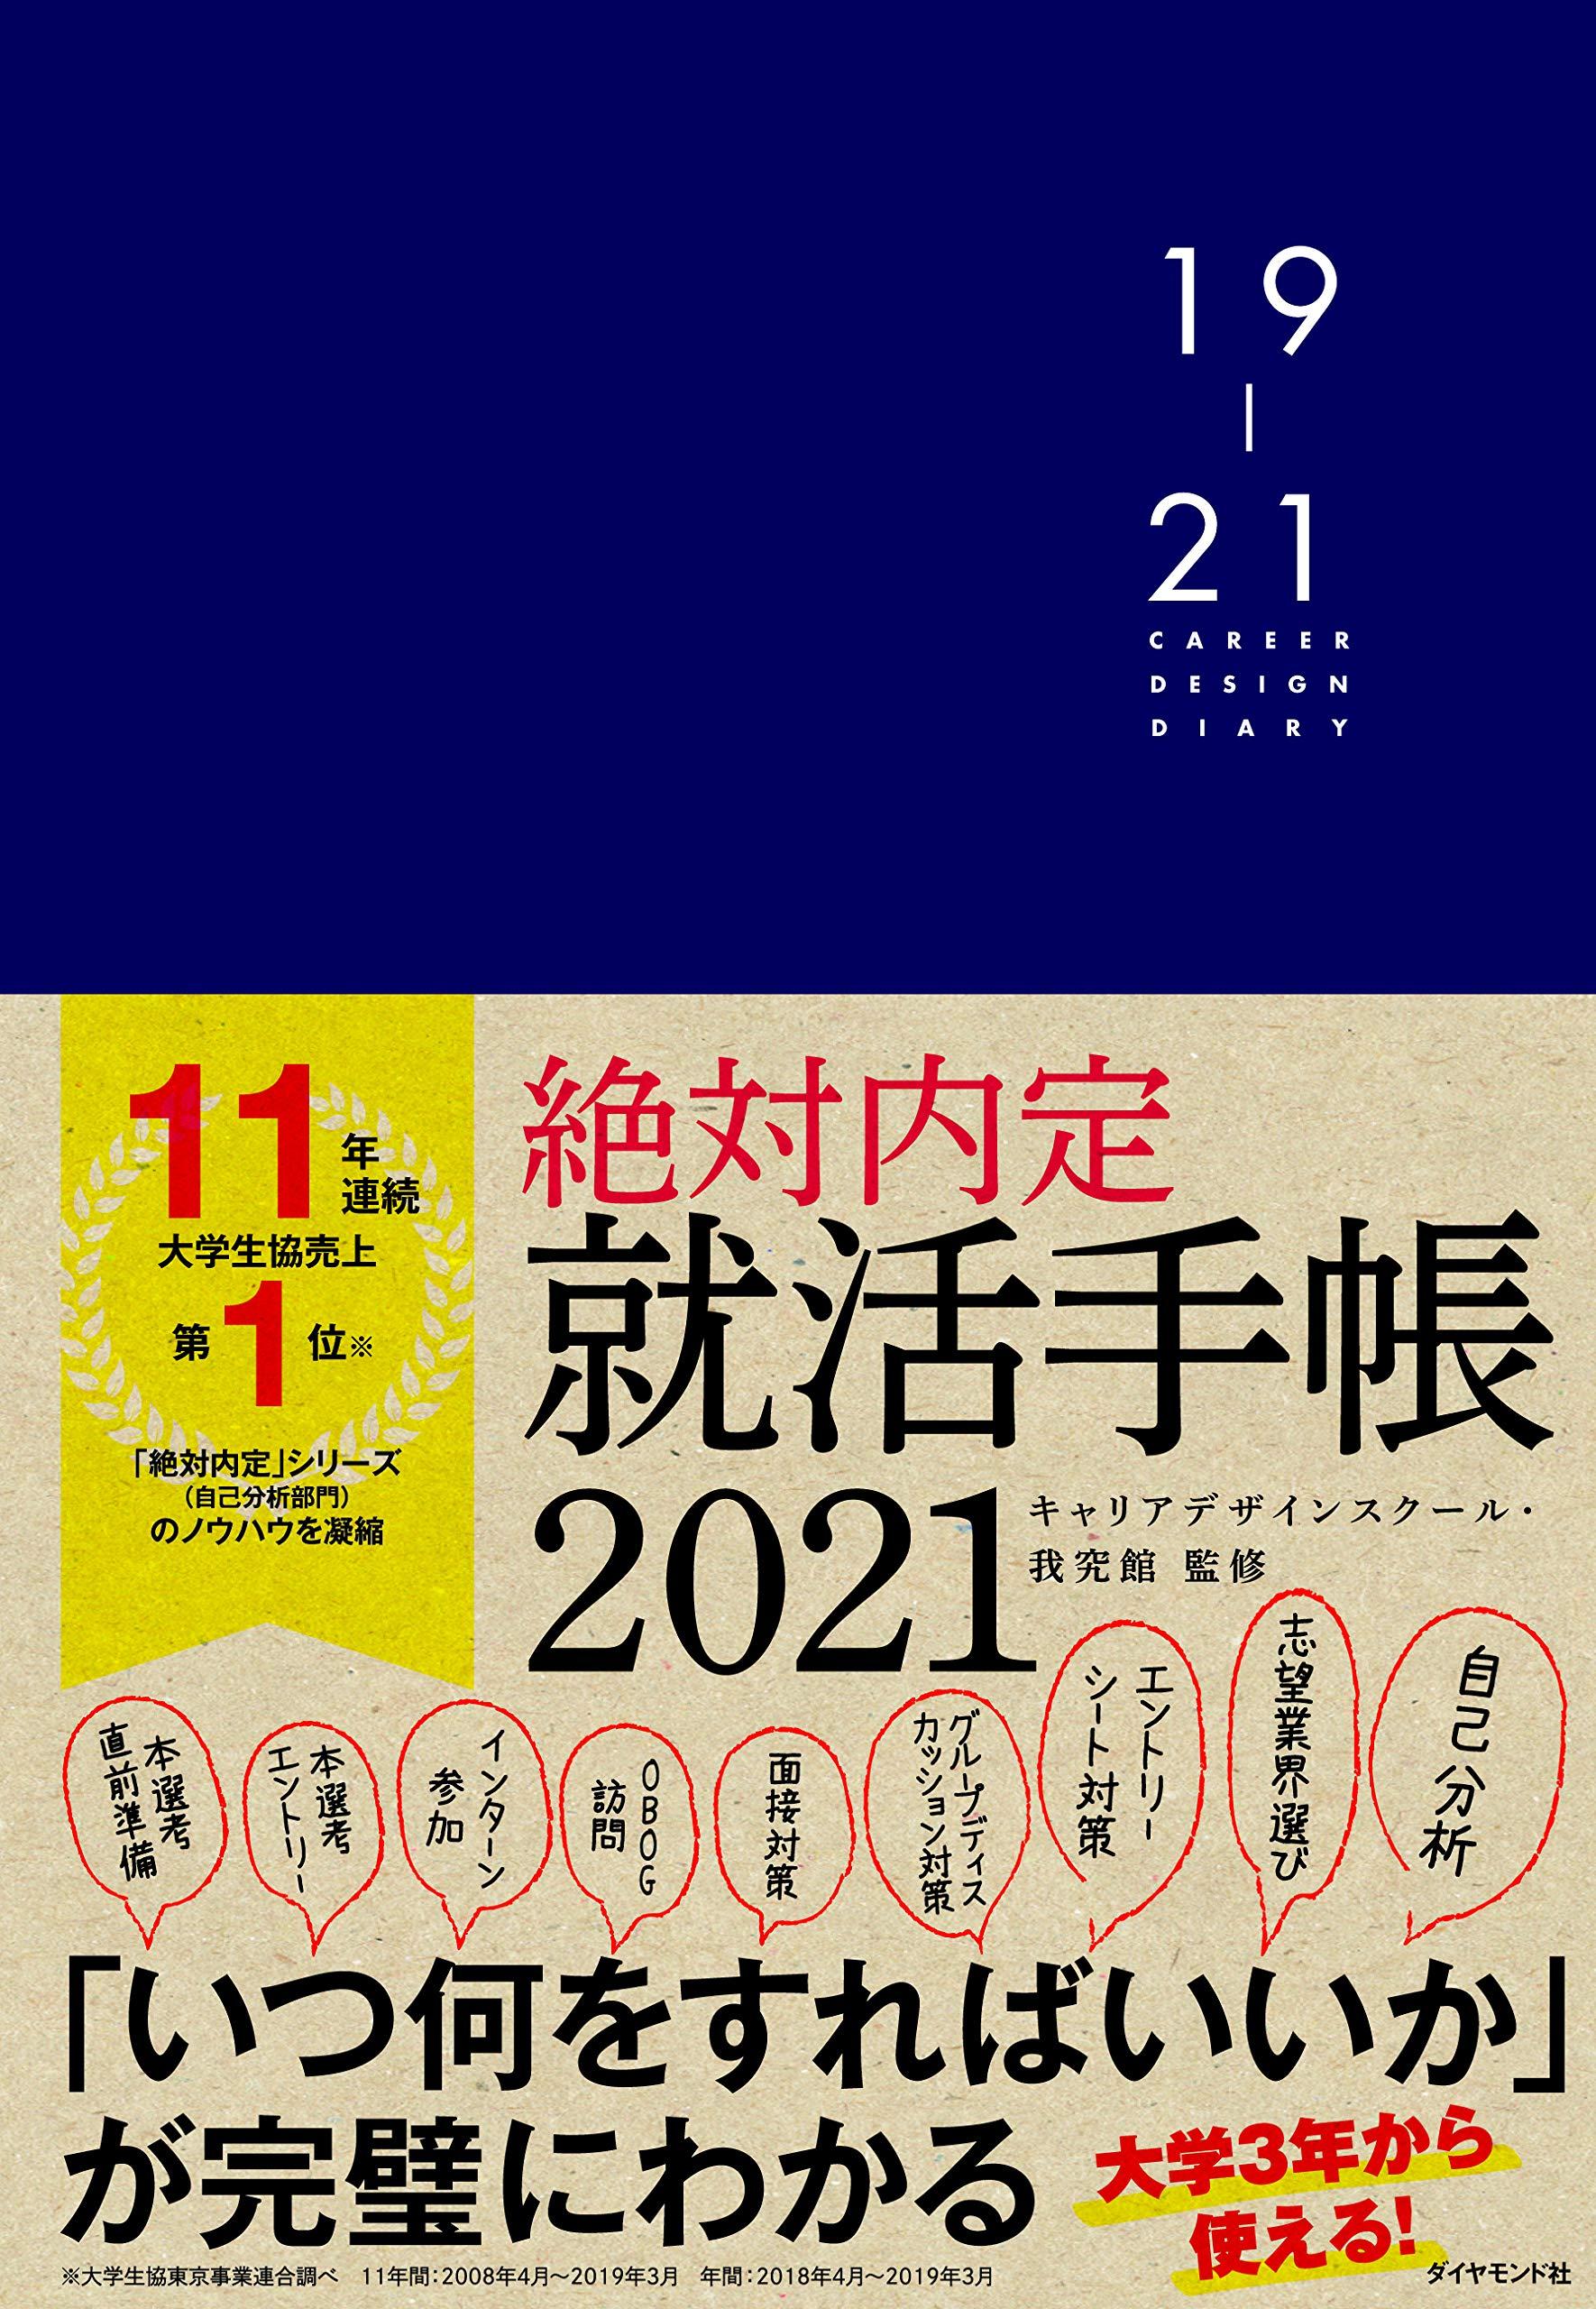 就活生向けの手帳おすすめ4選!鏡付きも【2021年卒向け】